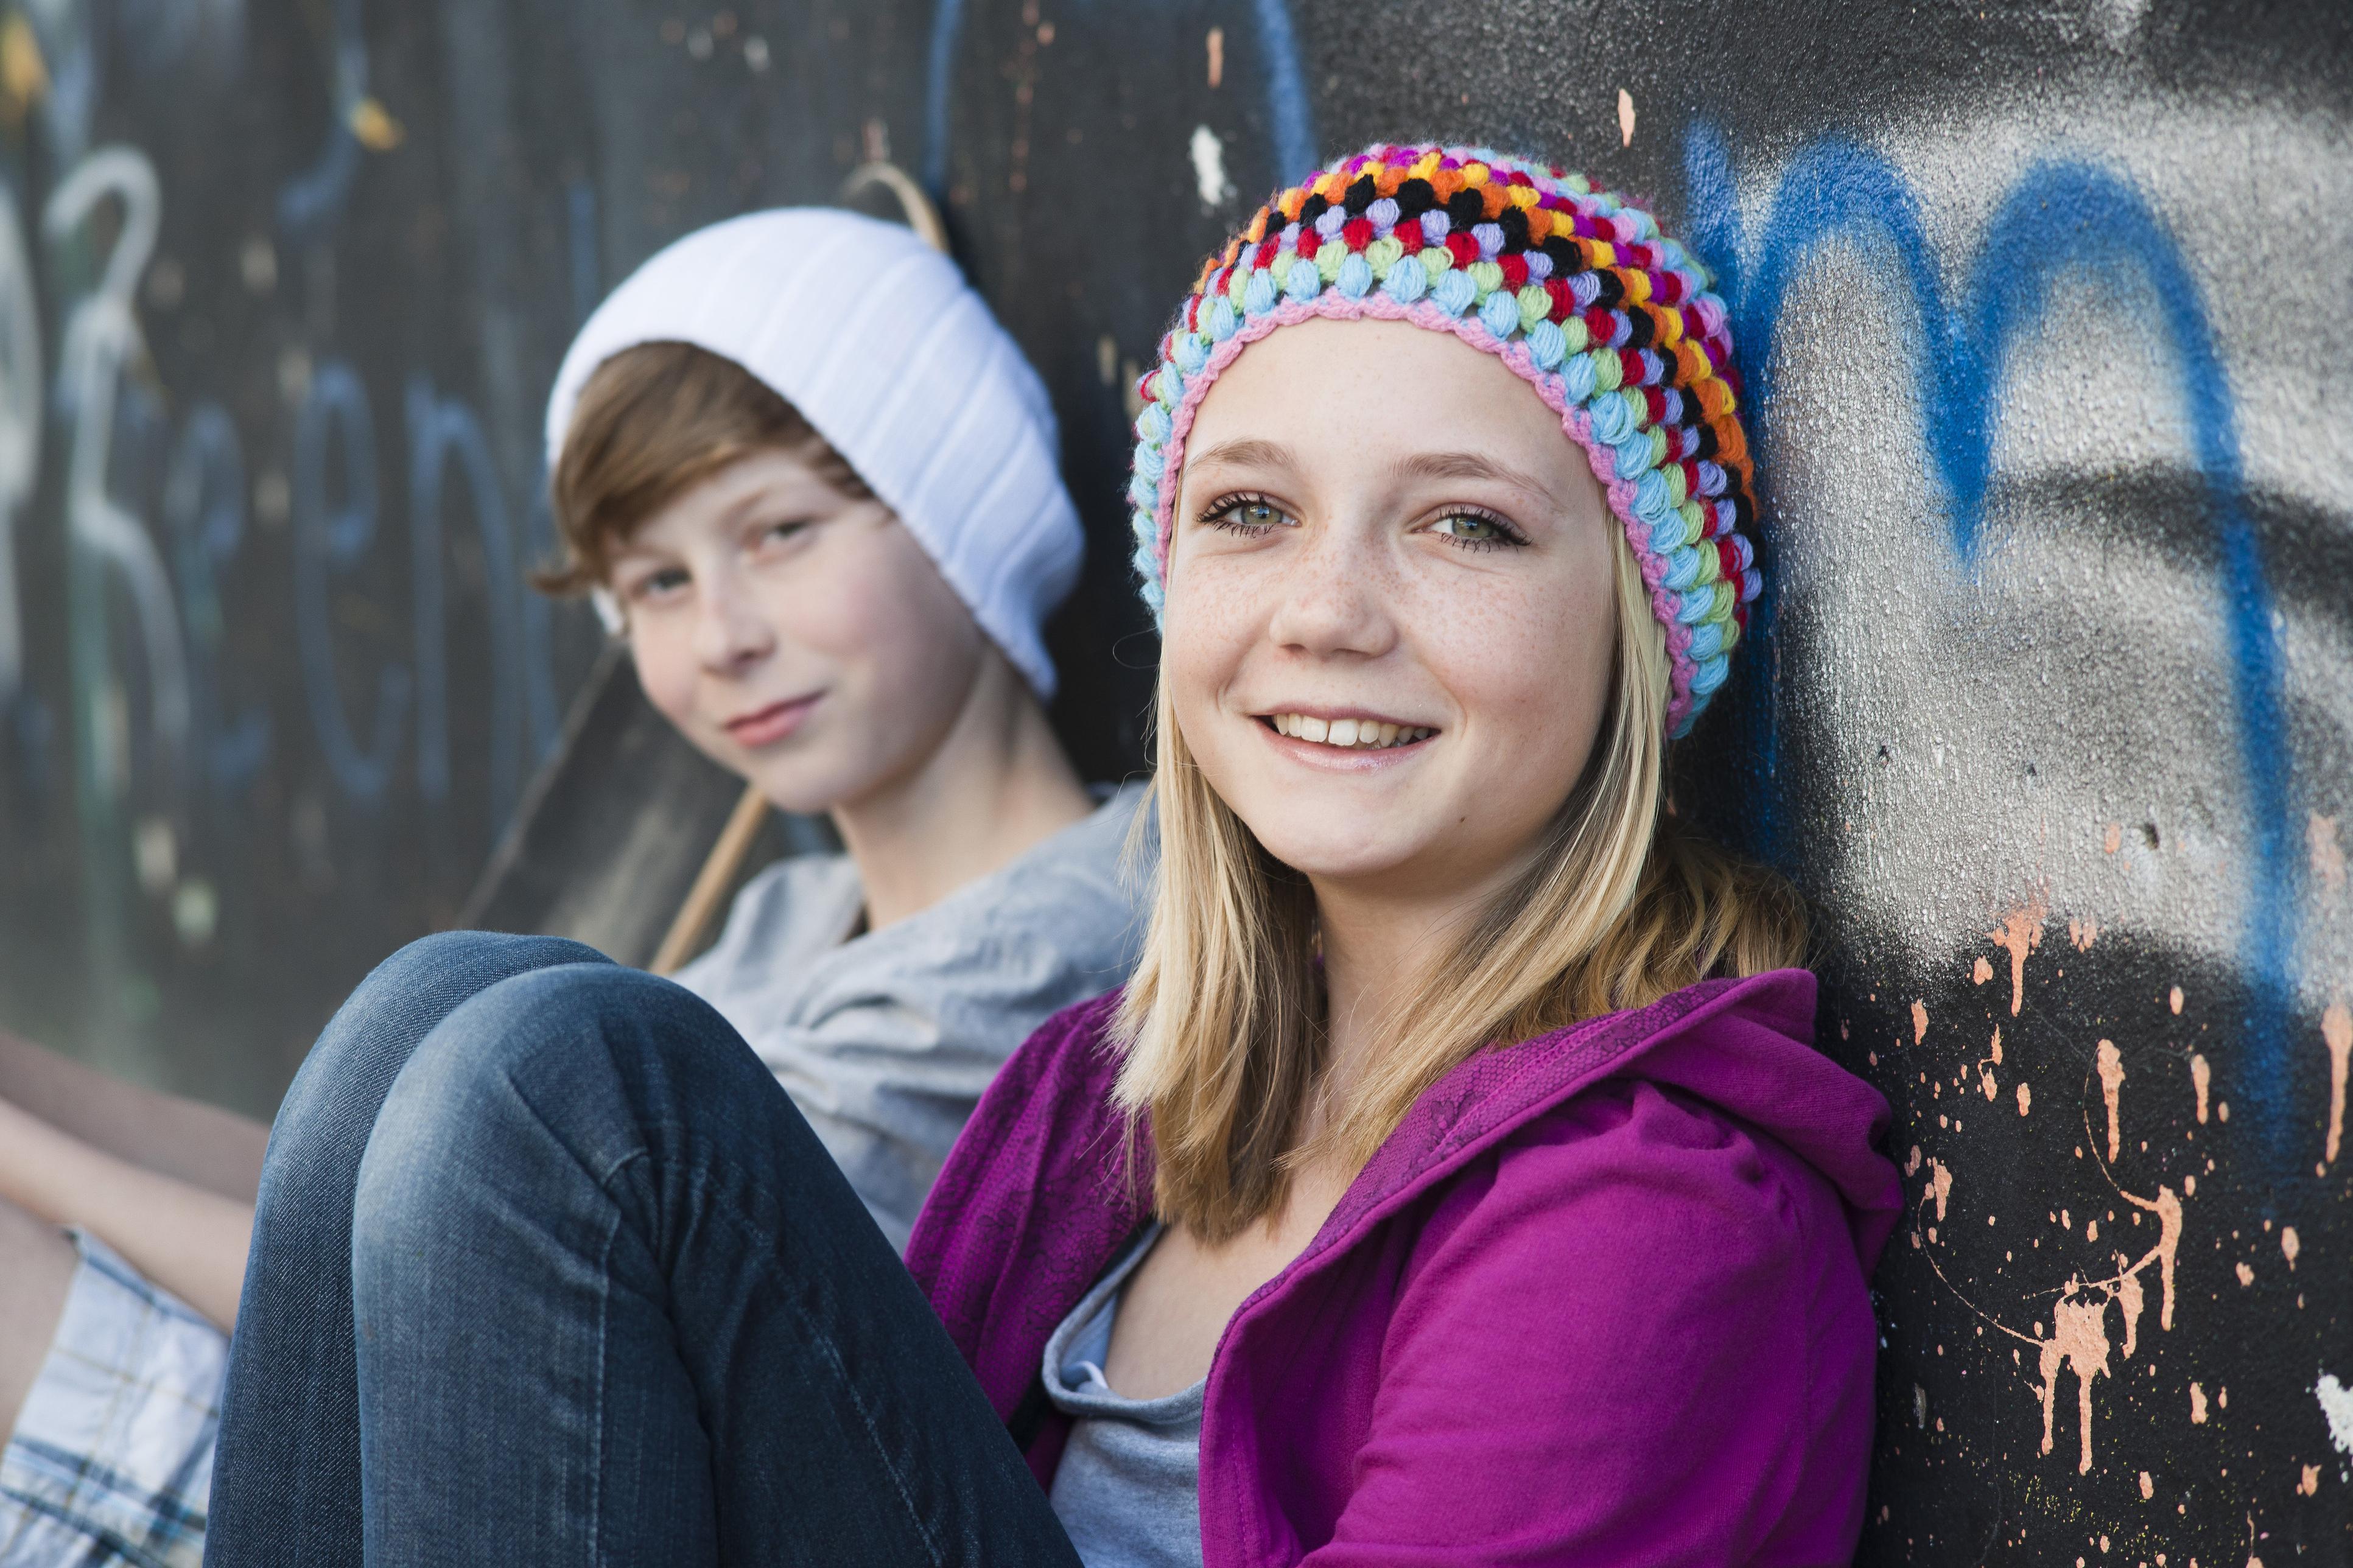 Illustrassjonsbilde, Jente og gutt, ca 12 år, sitter inntil vegg med graffiti, smiler og ser i kamera.